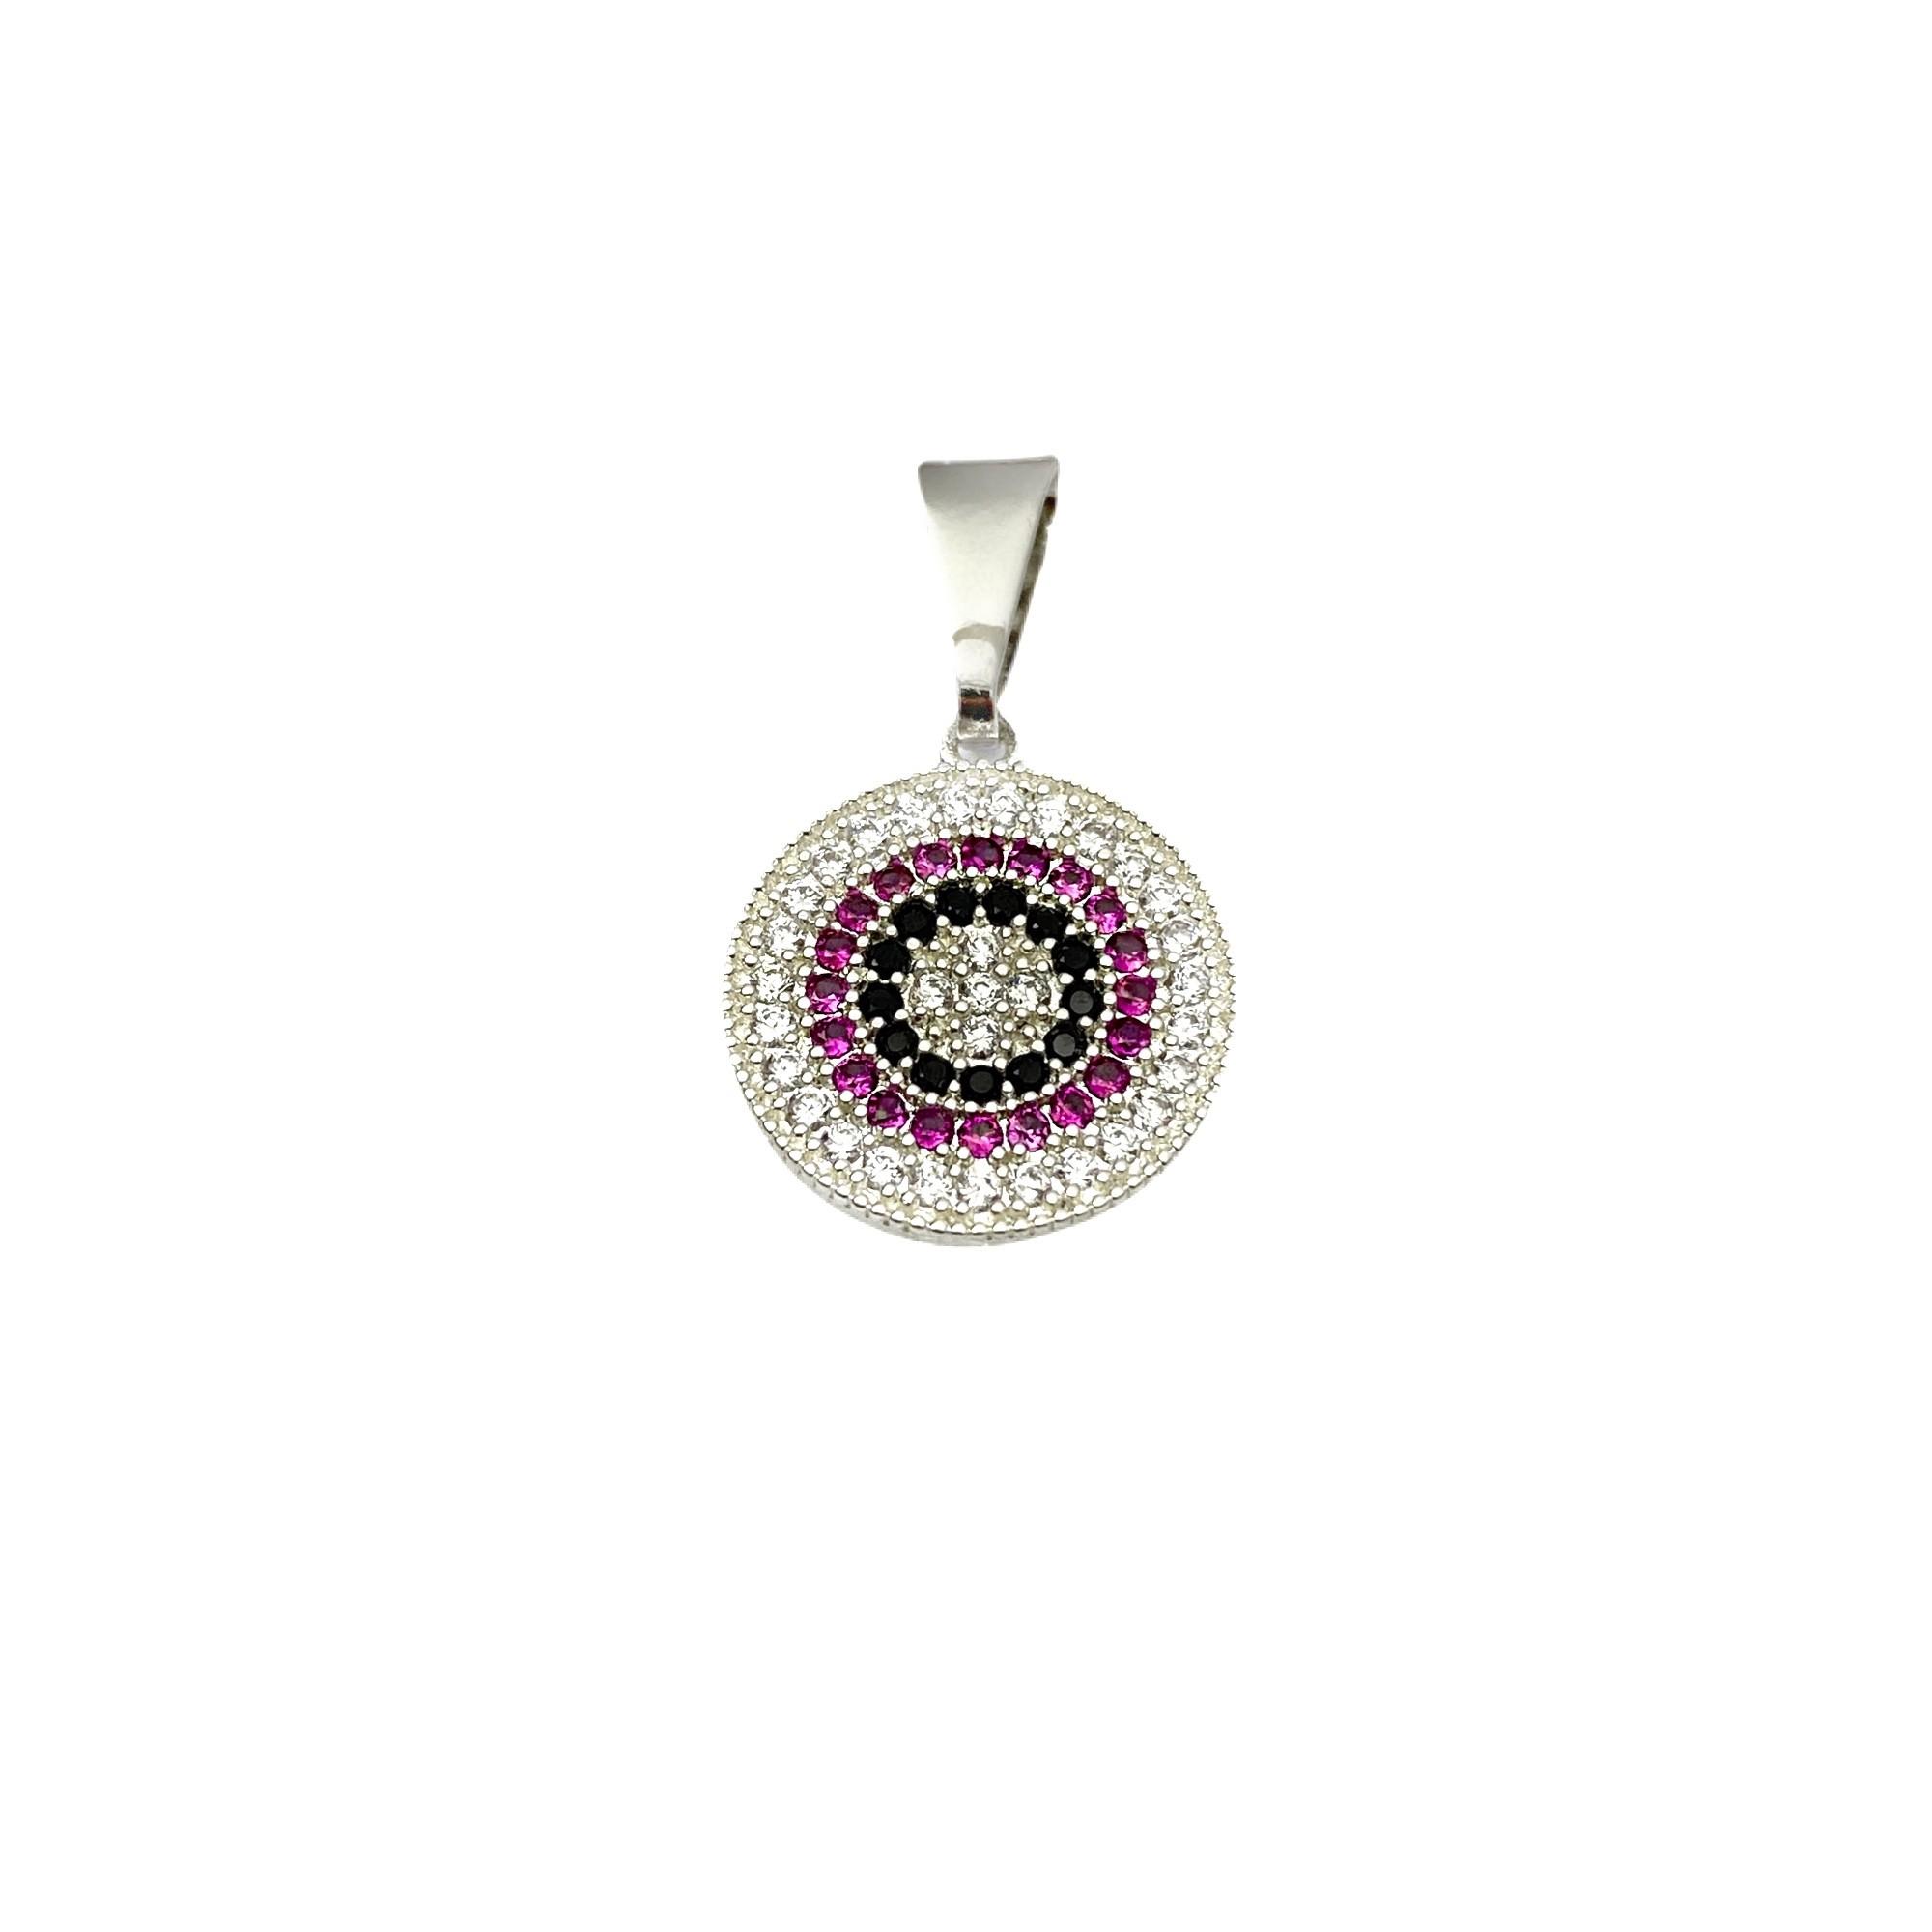 Pingente Medalha Mandala Cravejado em Zircônia 1,5cm X 1,5cm (Banho Prata 925)